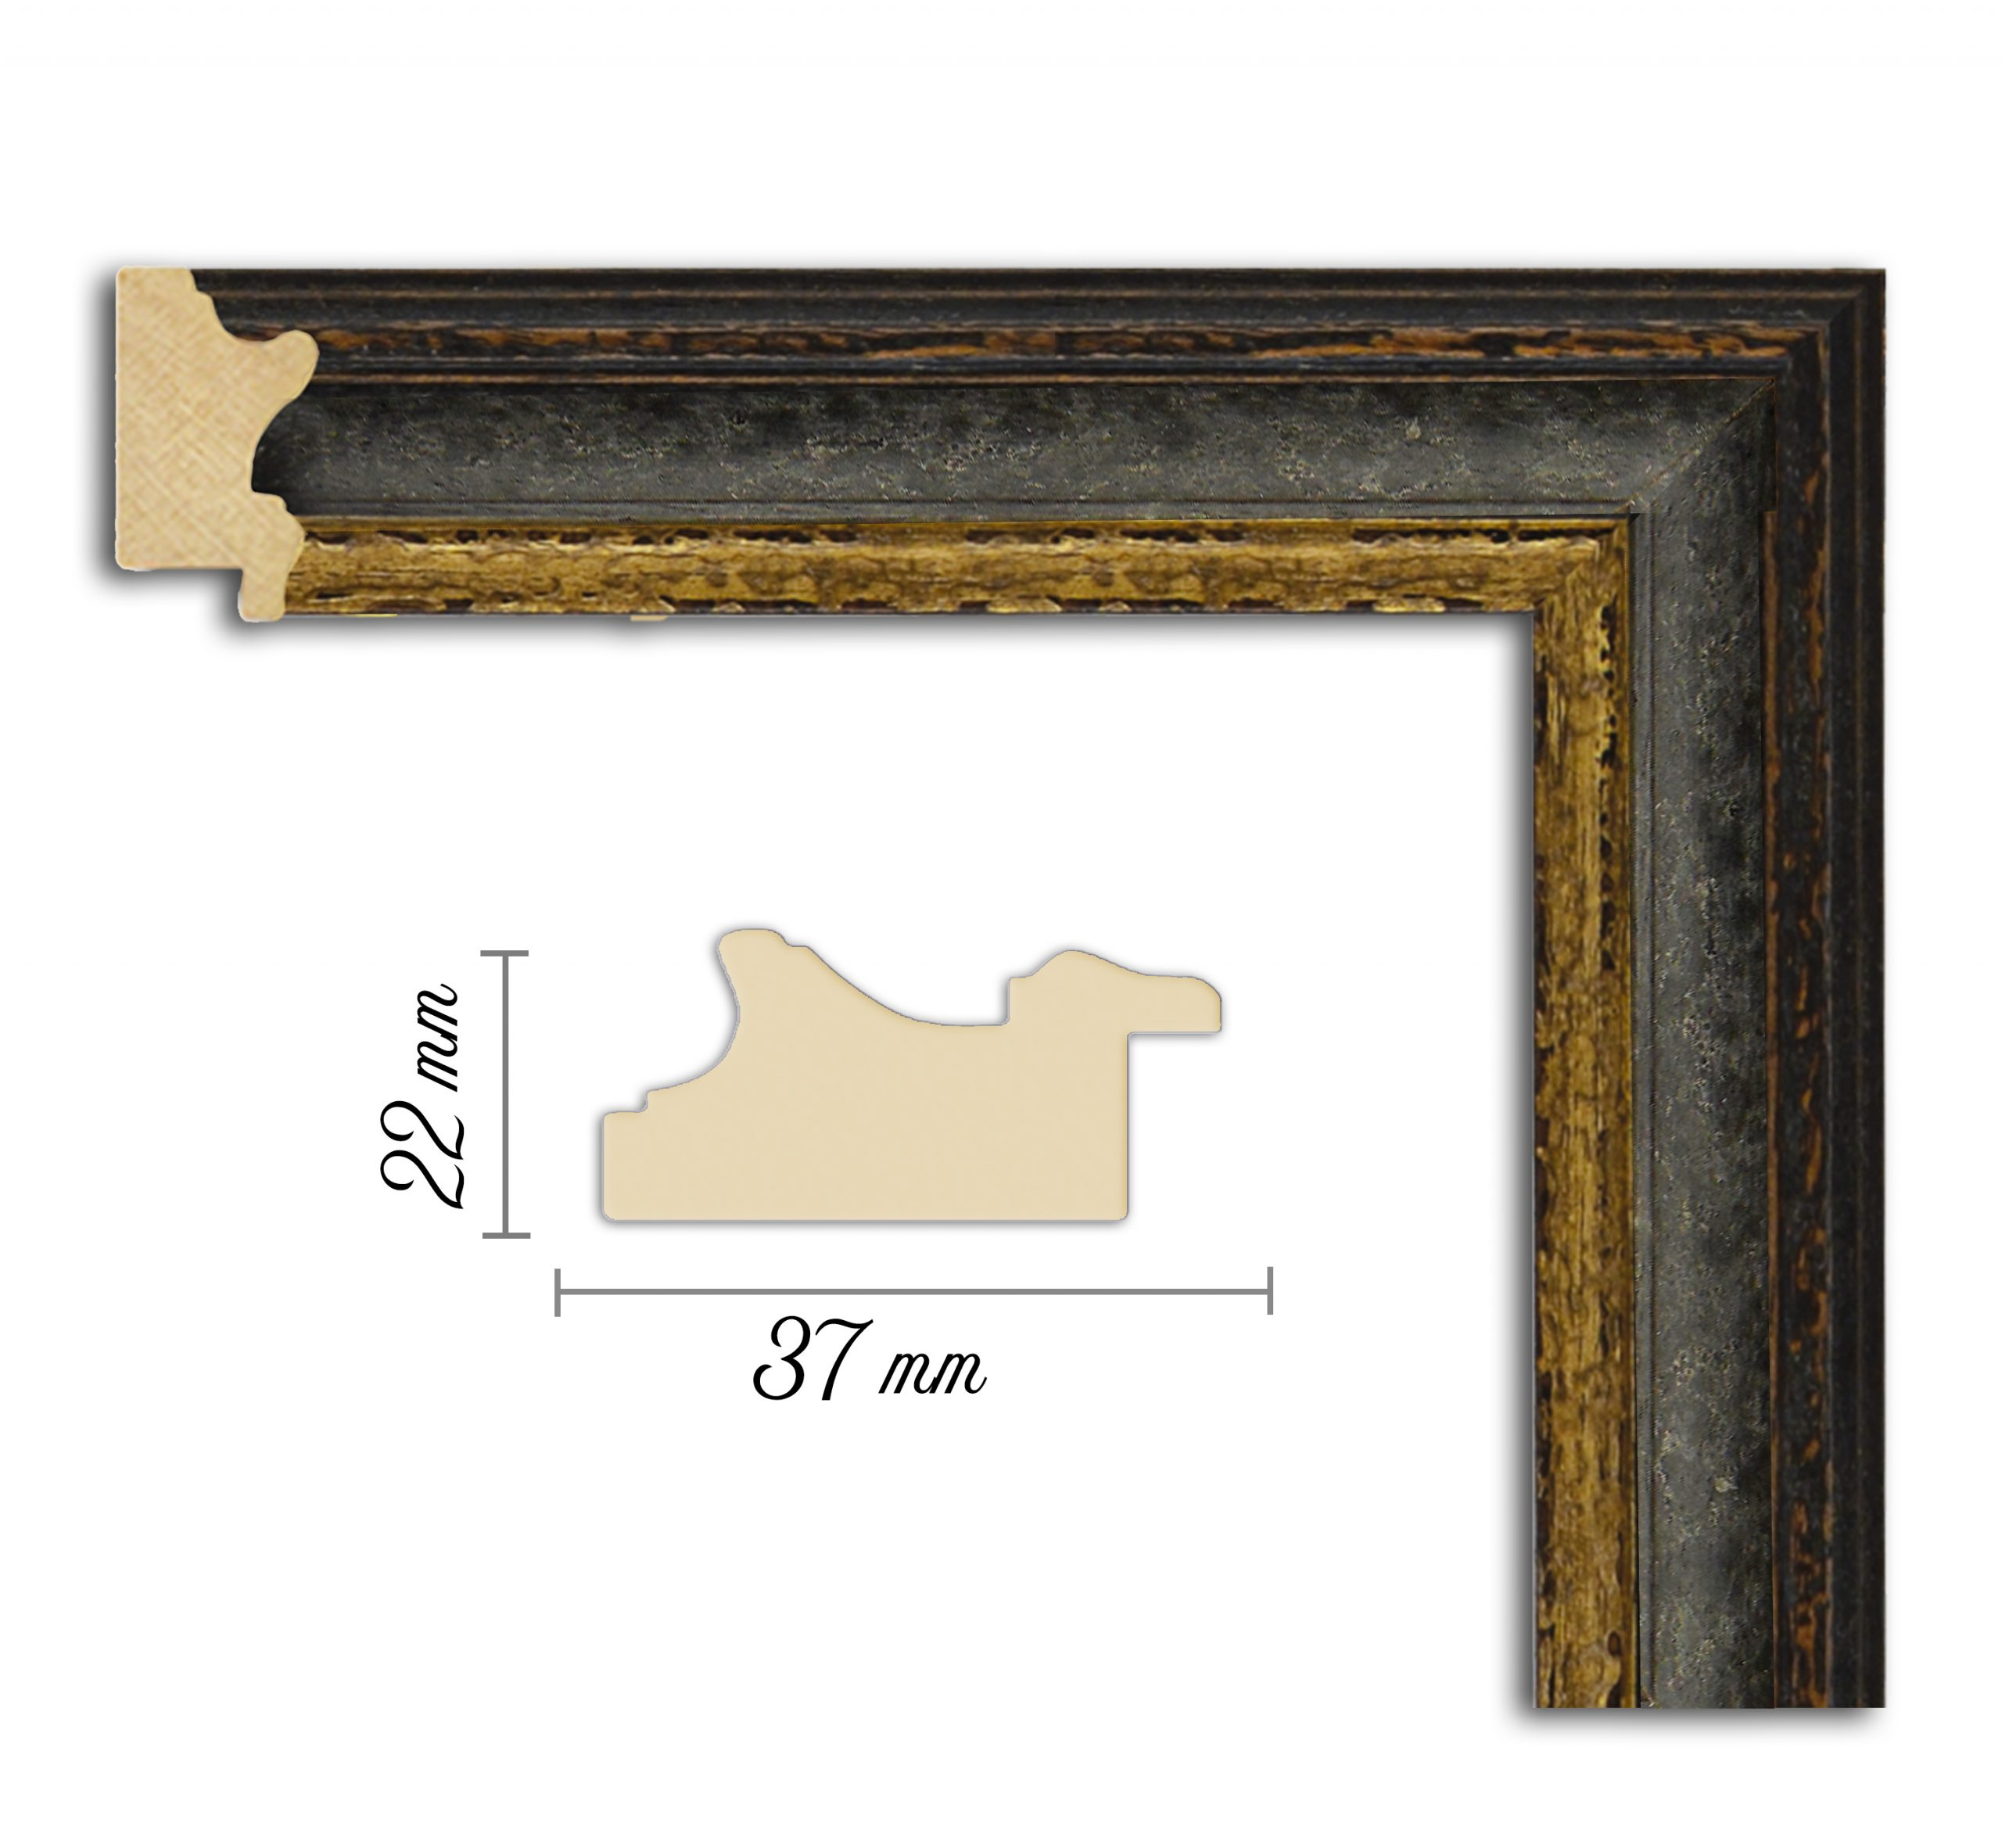 Дървен профил 09-37, Дървени профили за рамки, рамкиране, рамки за картини, рамки за гоблени, профили за рамки, профили за рамкиране, рамки от дърво, дървени рамки, профили за рамки, профили за рамкране, рамкиране на картини; рамка платинена, черен профил за рамка, черно и златно рамка, рамка черно със златно, черно и златно рамка; Рамка черна и златна, профил за рамка черен, старинен профил за рамка